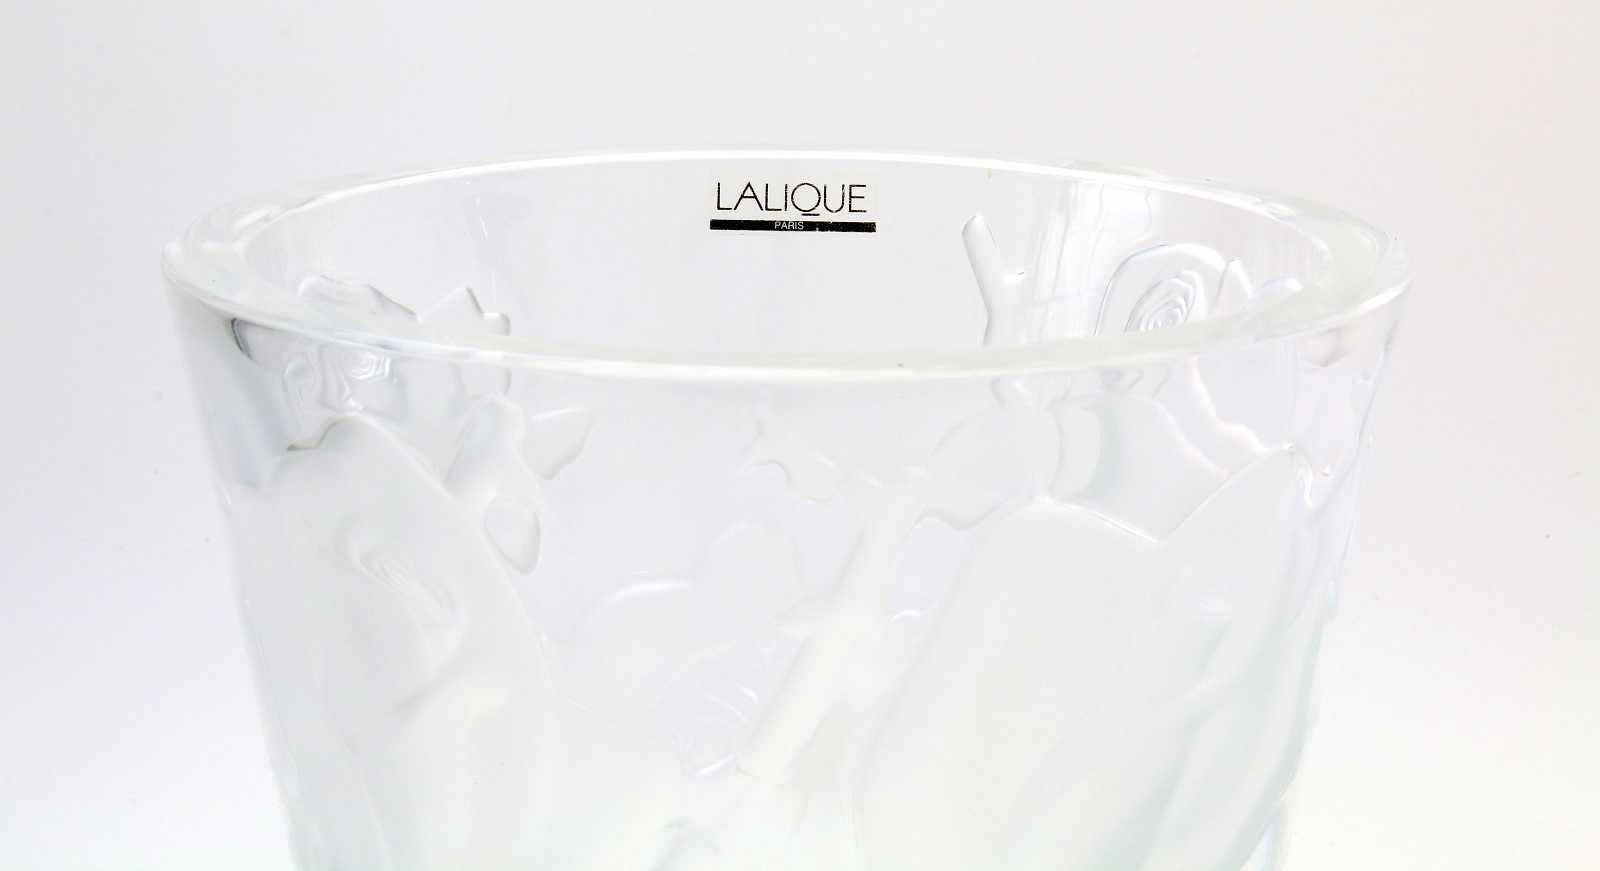 """Kristallvase """"Roses"""" - Lalique - ParisFarbloses Kristallglas, reliefiertes Rosendekor, die Rosen - Bild 2 aus 2"""